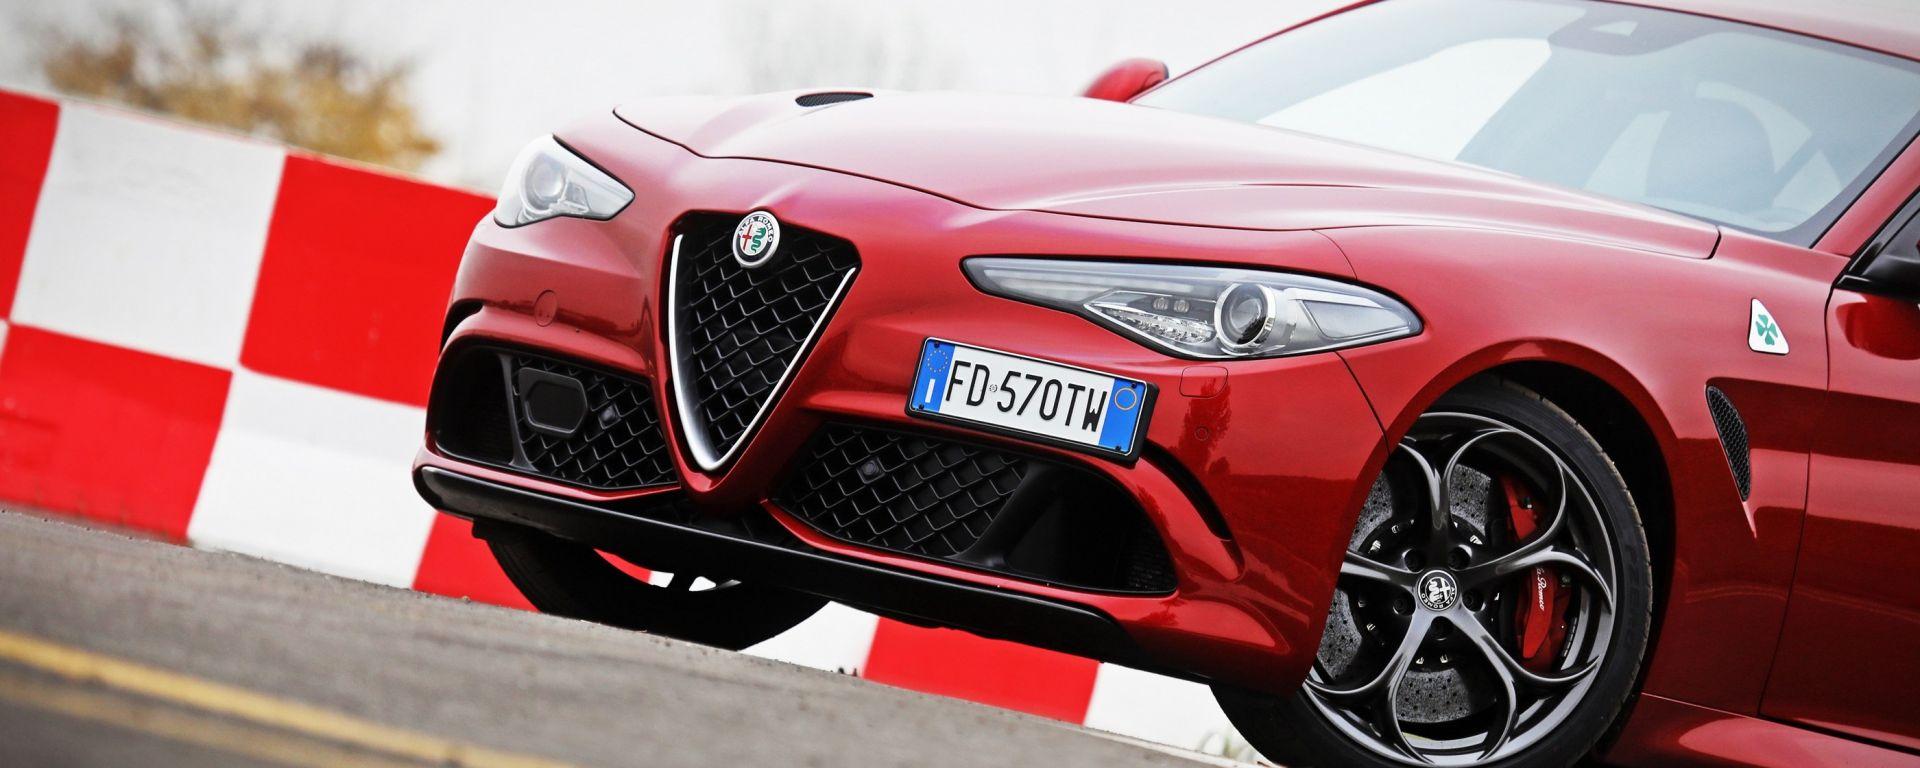 Alfa Romeo Giulia: ibrida con il restyling?